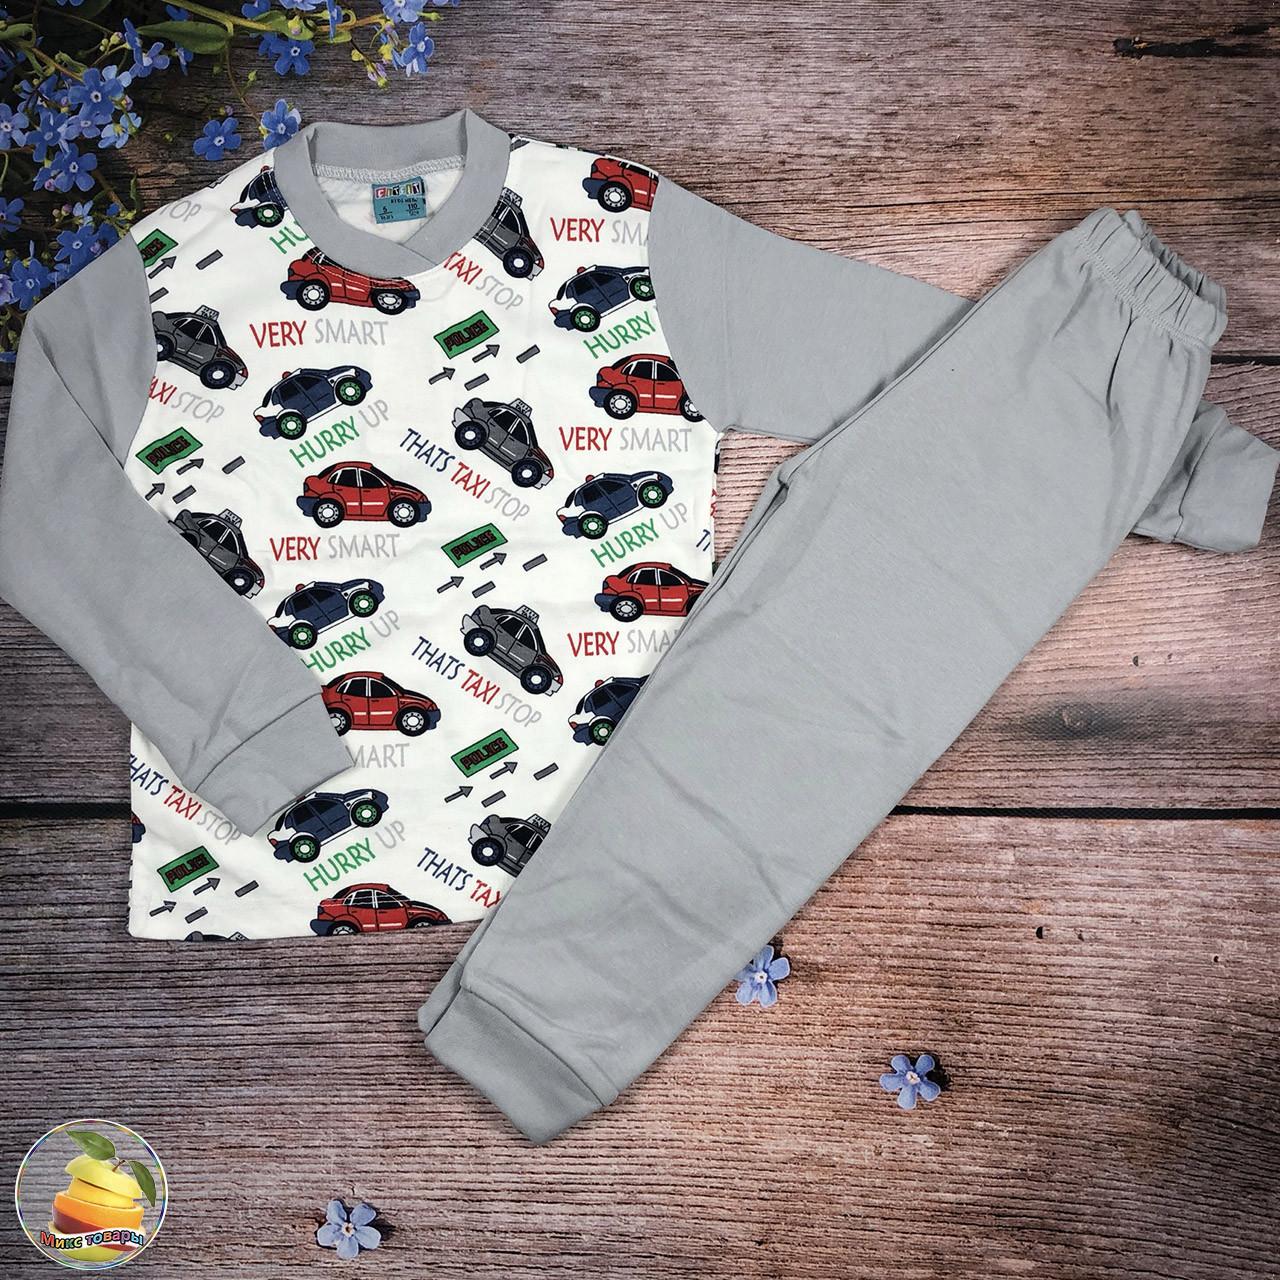 Сіра піжамка з машинами для хлопчика Розміри: 5,6,7,8 років (21110)